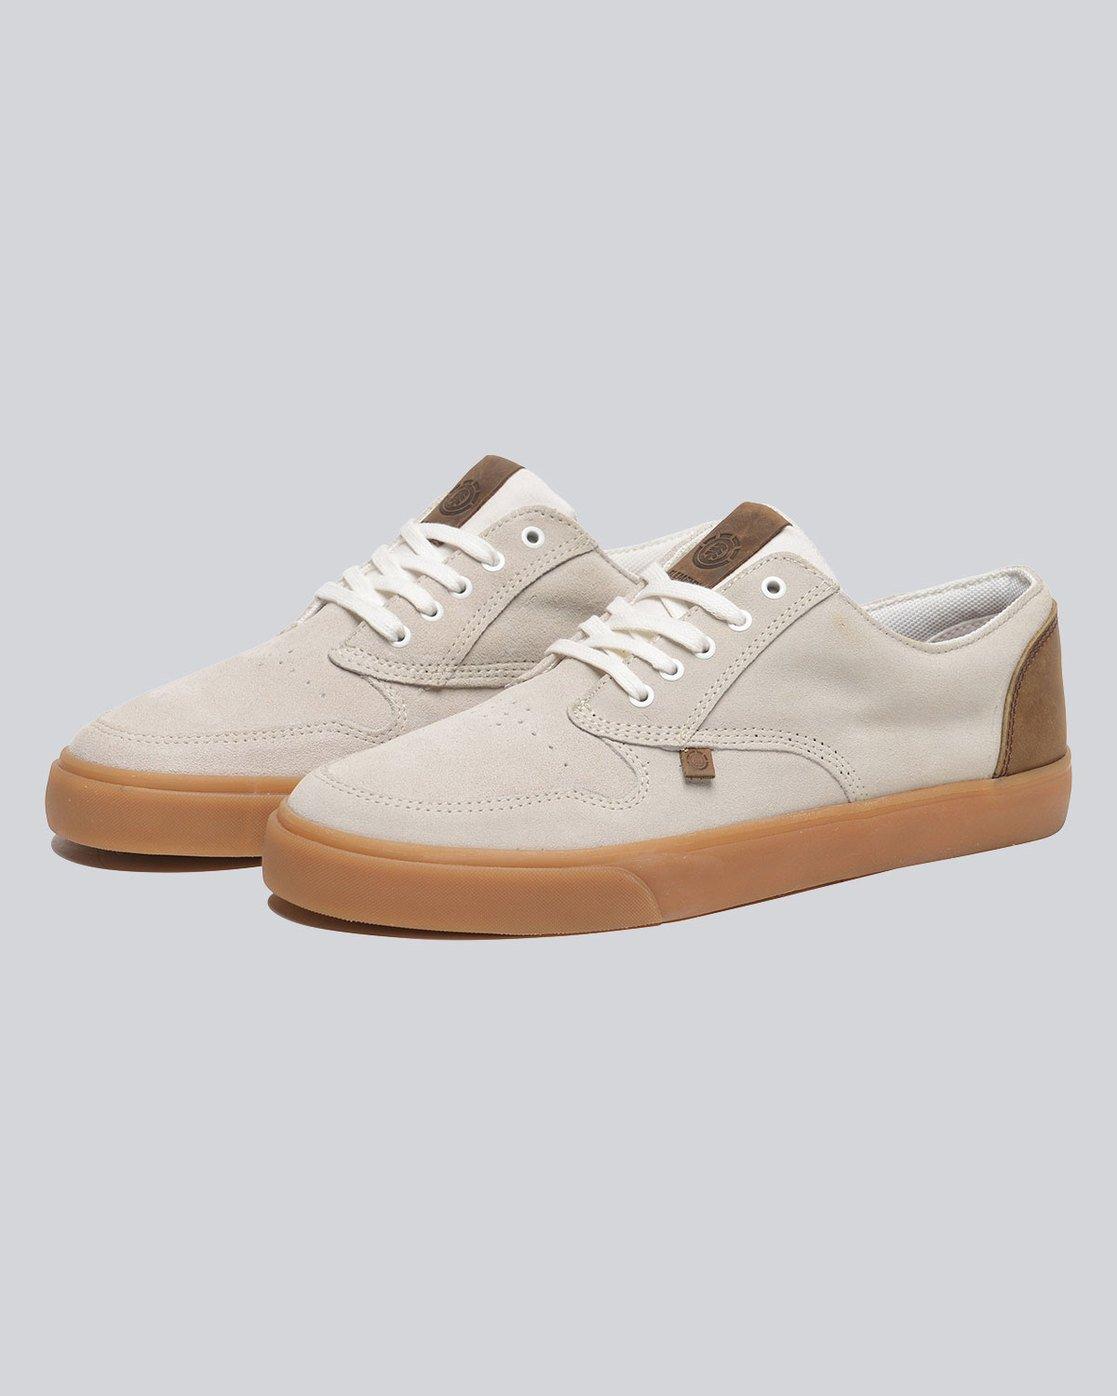 0 Topaz C3 - Schuhe für Männer Weiss L6TC3101 Element